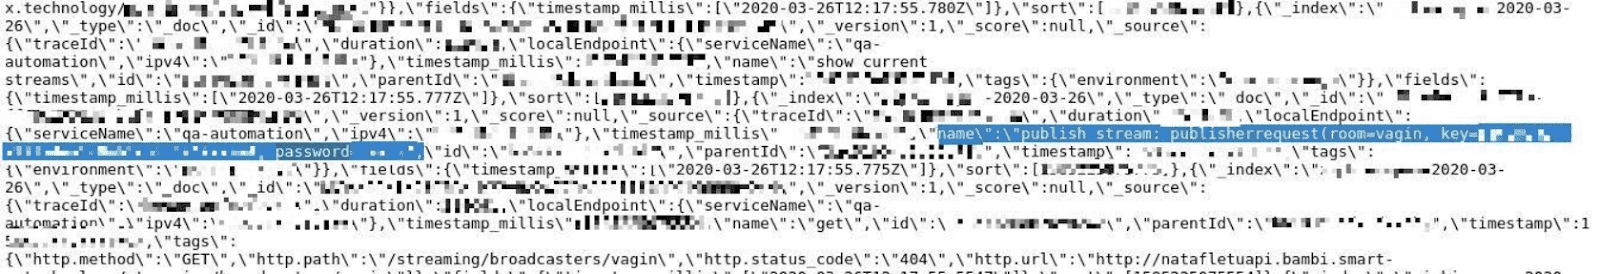 CAM4 Data Leak